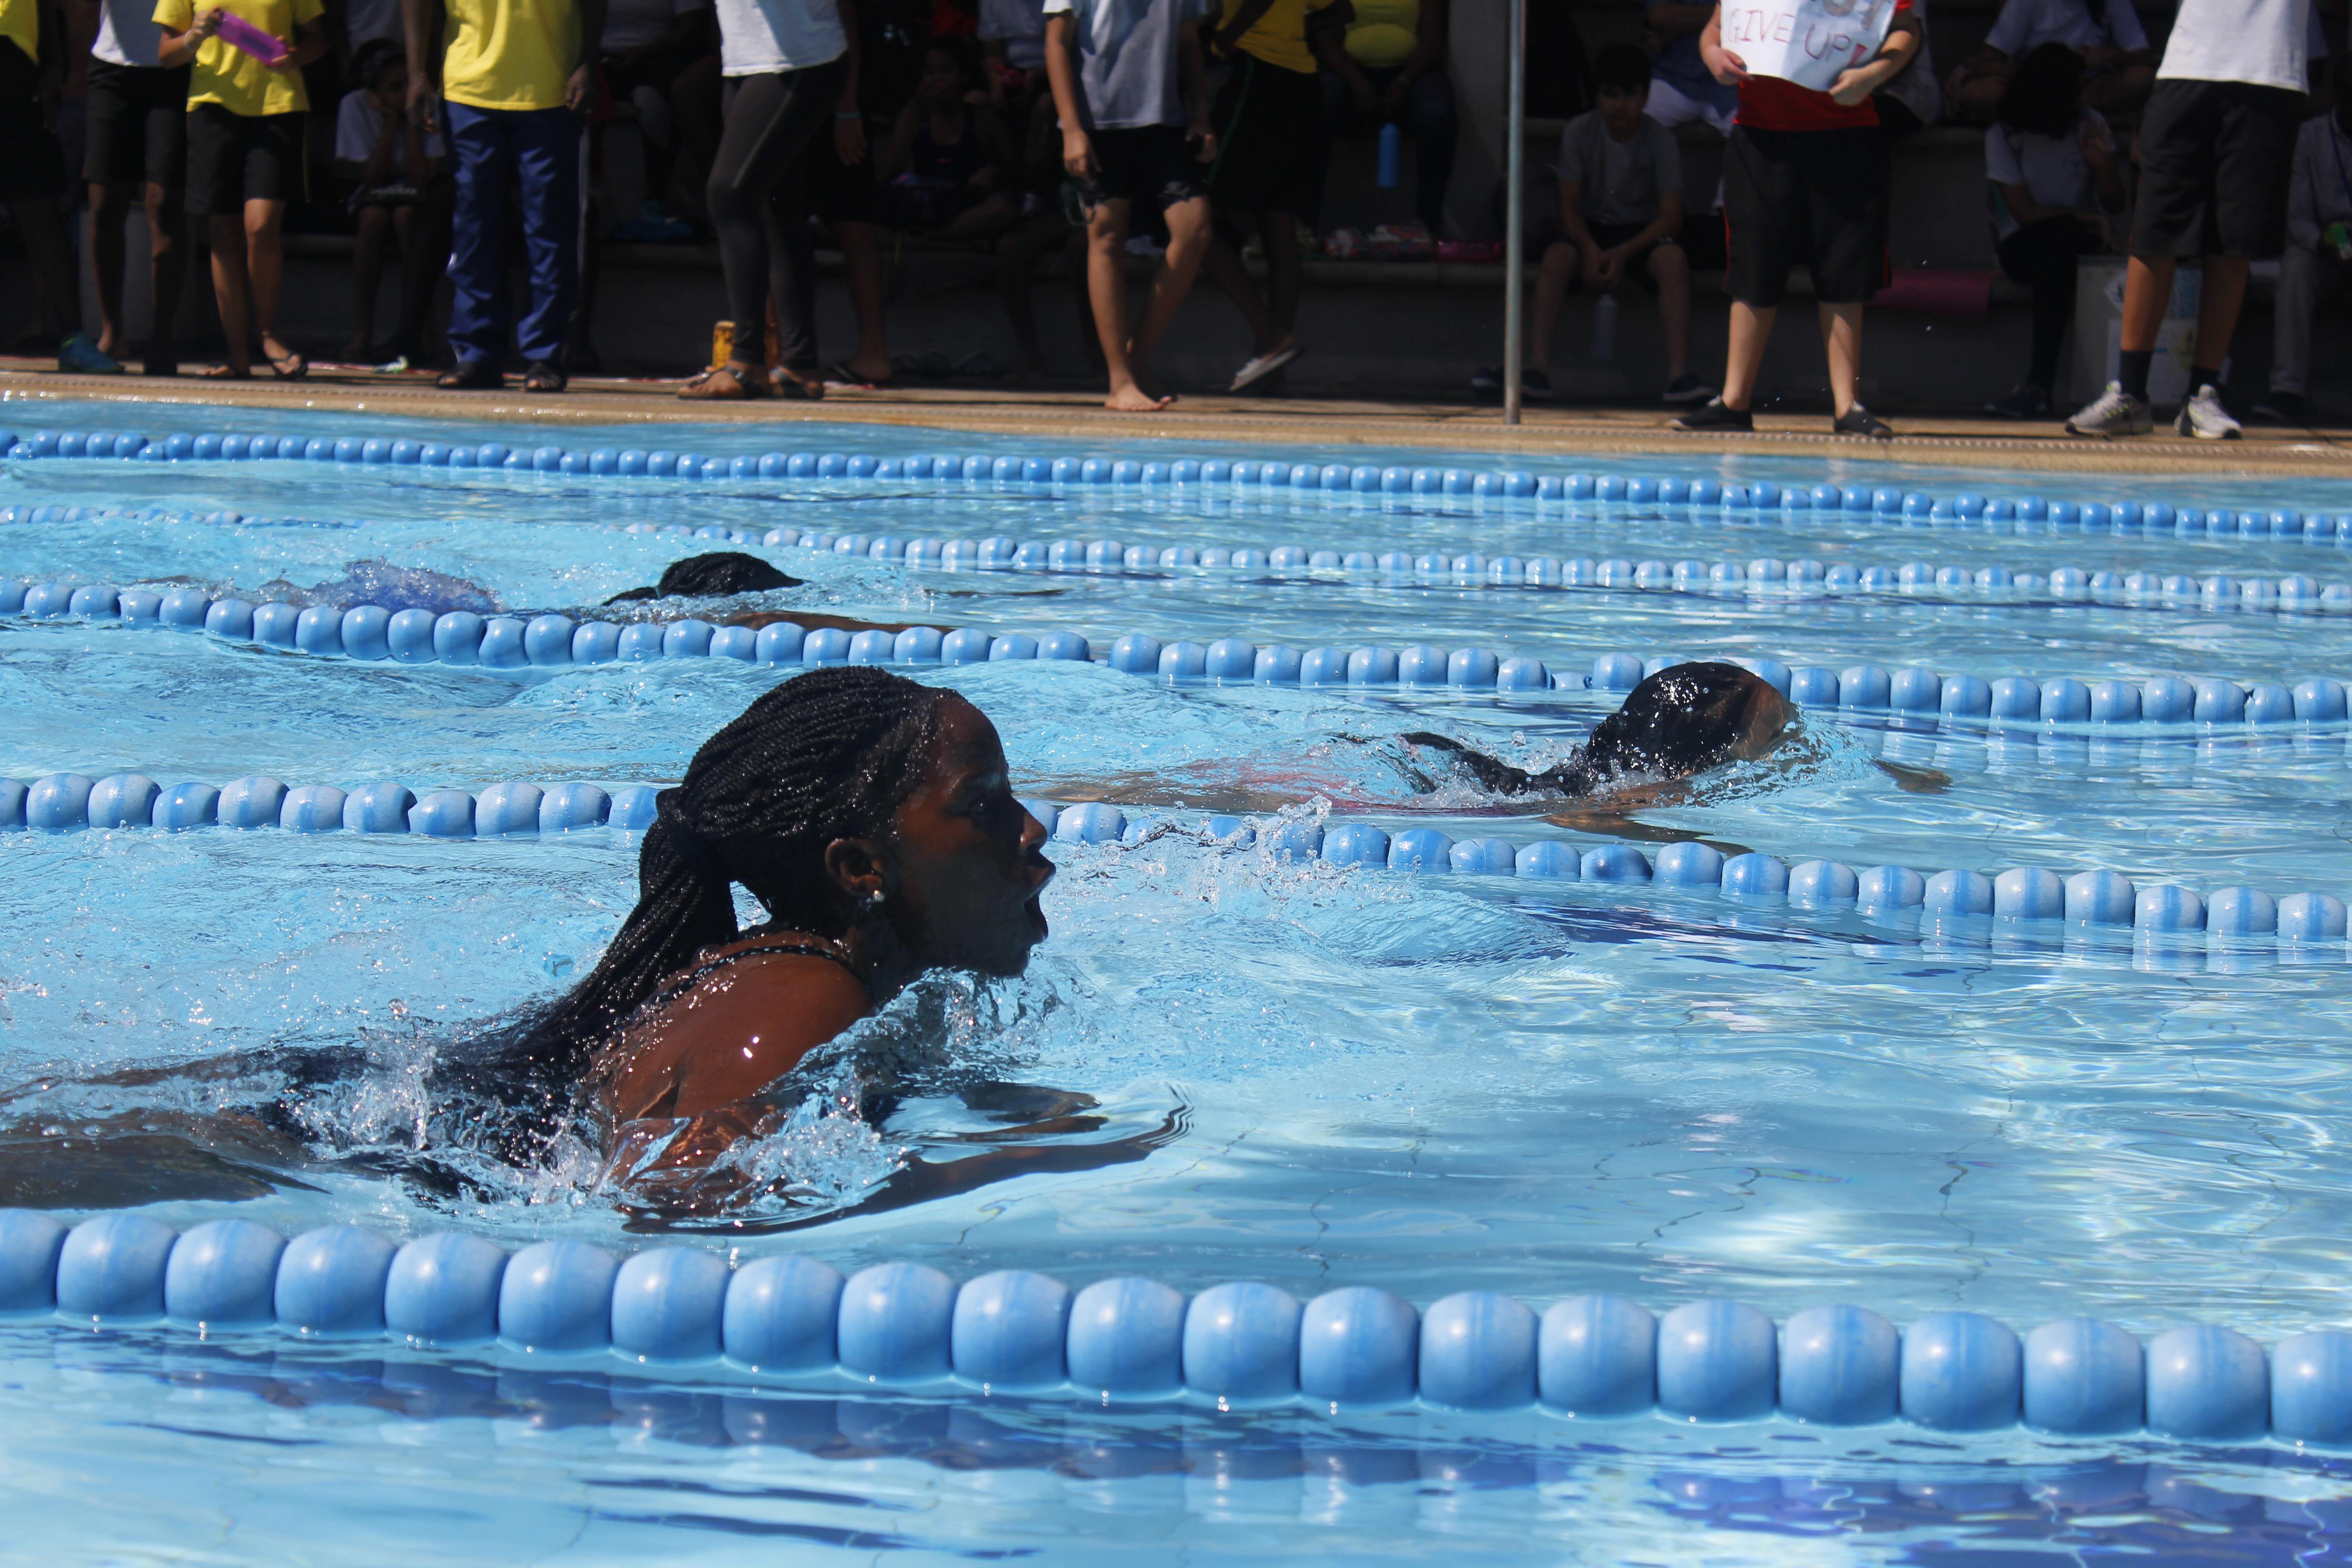 De verschillende niveaus van wedstrijdzwemmen